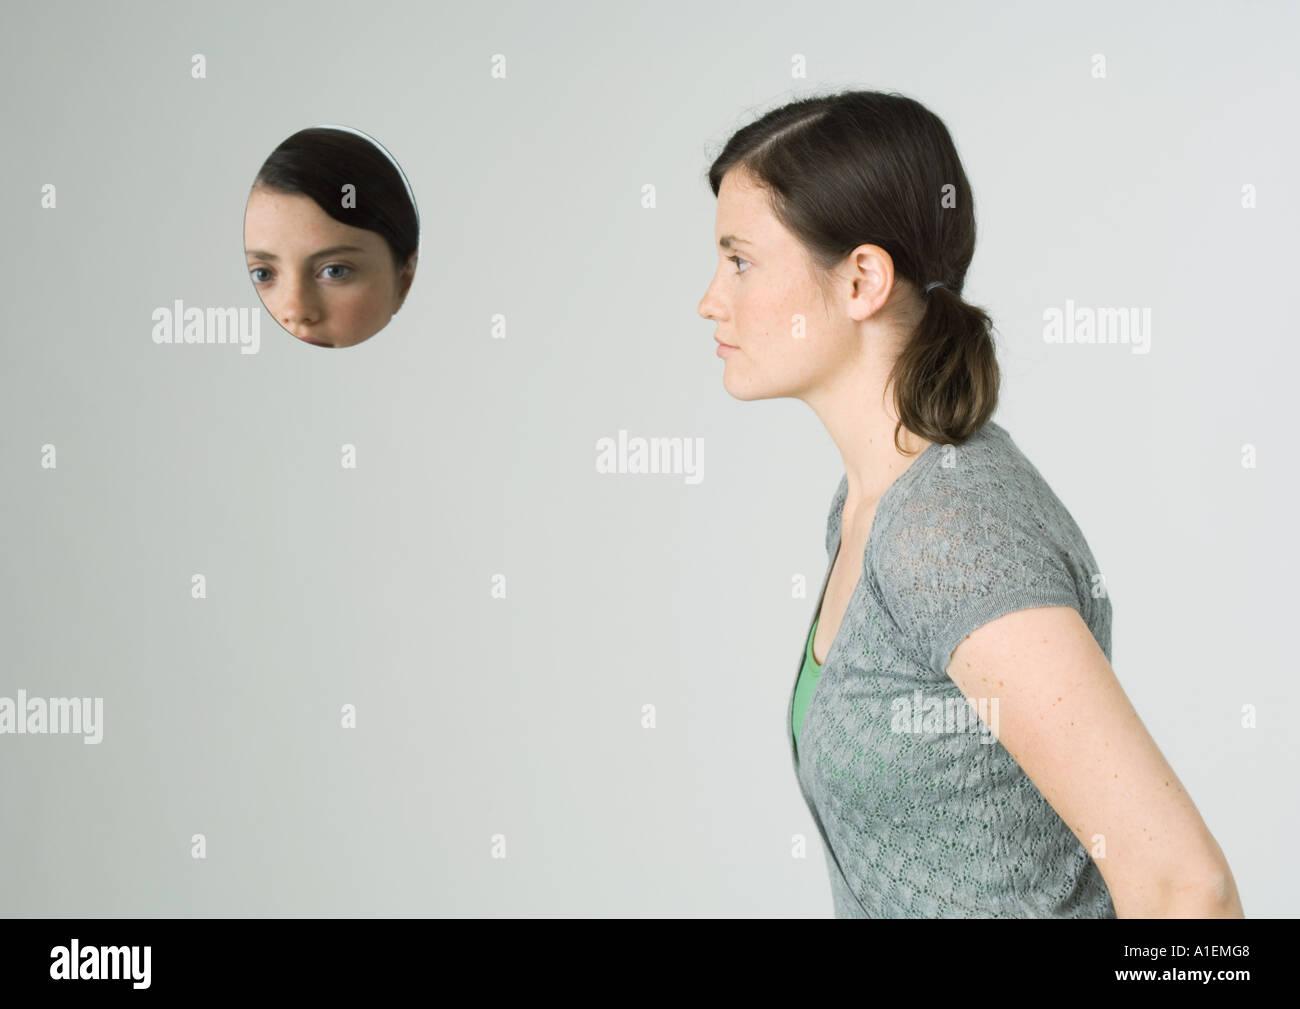 Junge Frau und Gesicht spiegeln sich im Spiegel Stockbild